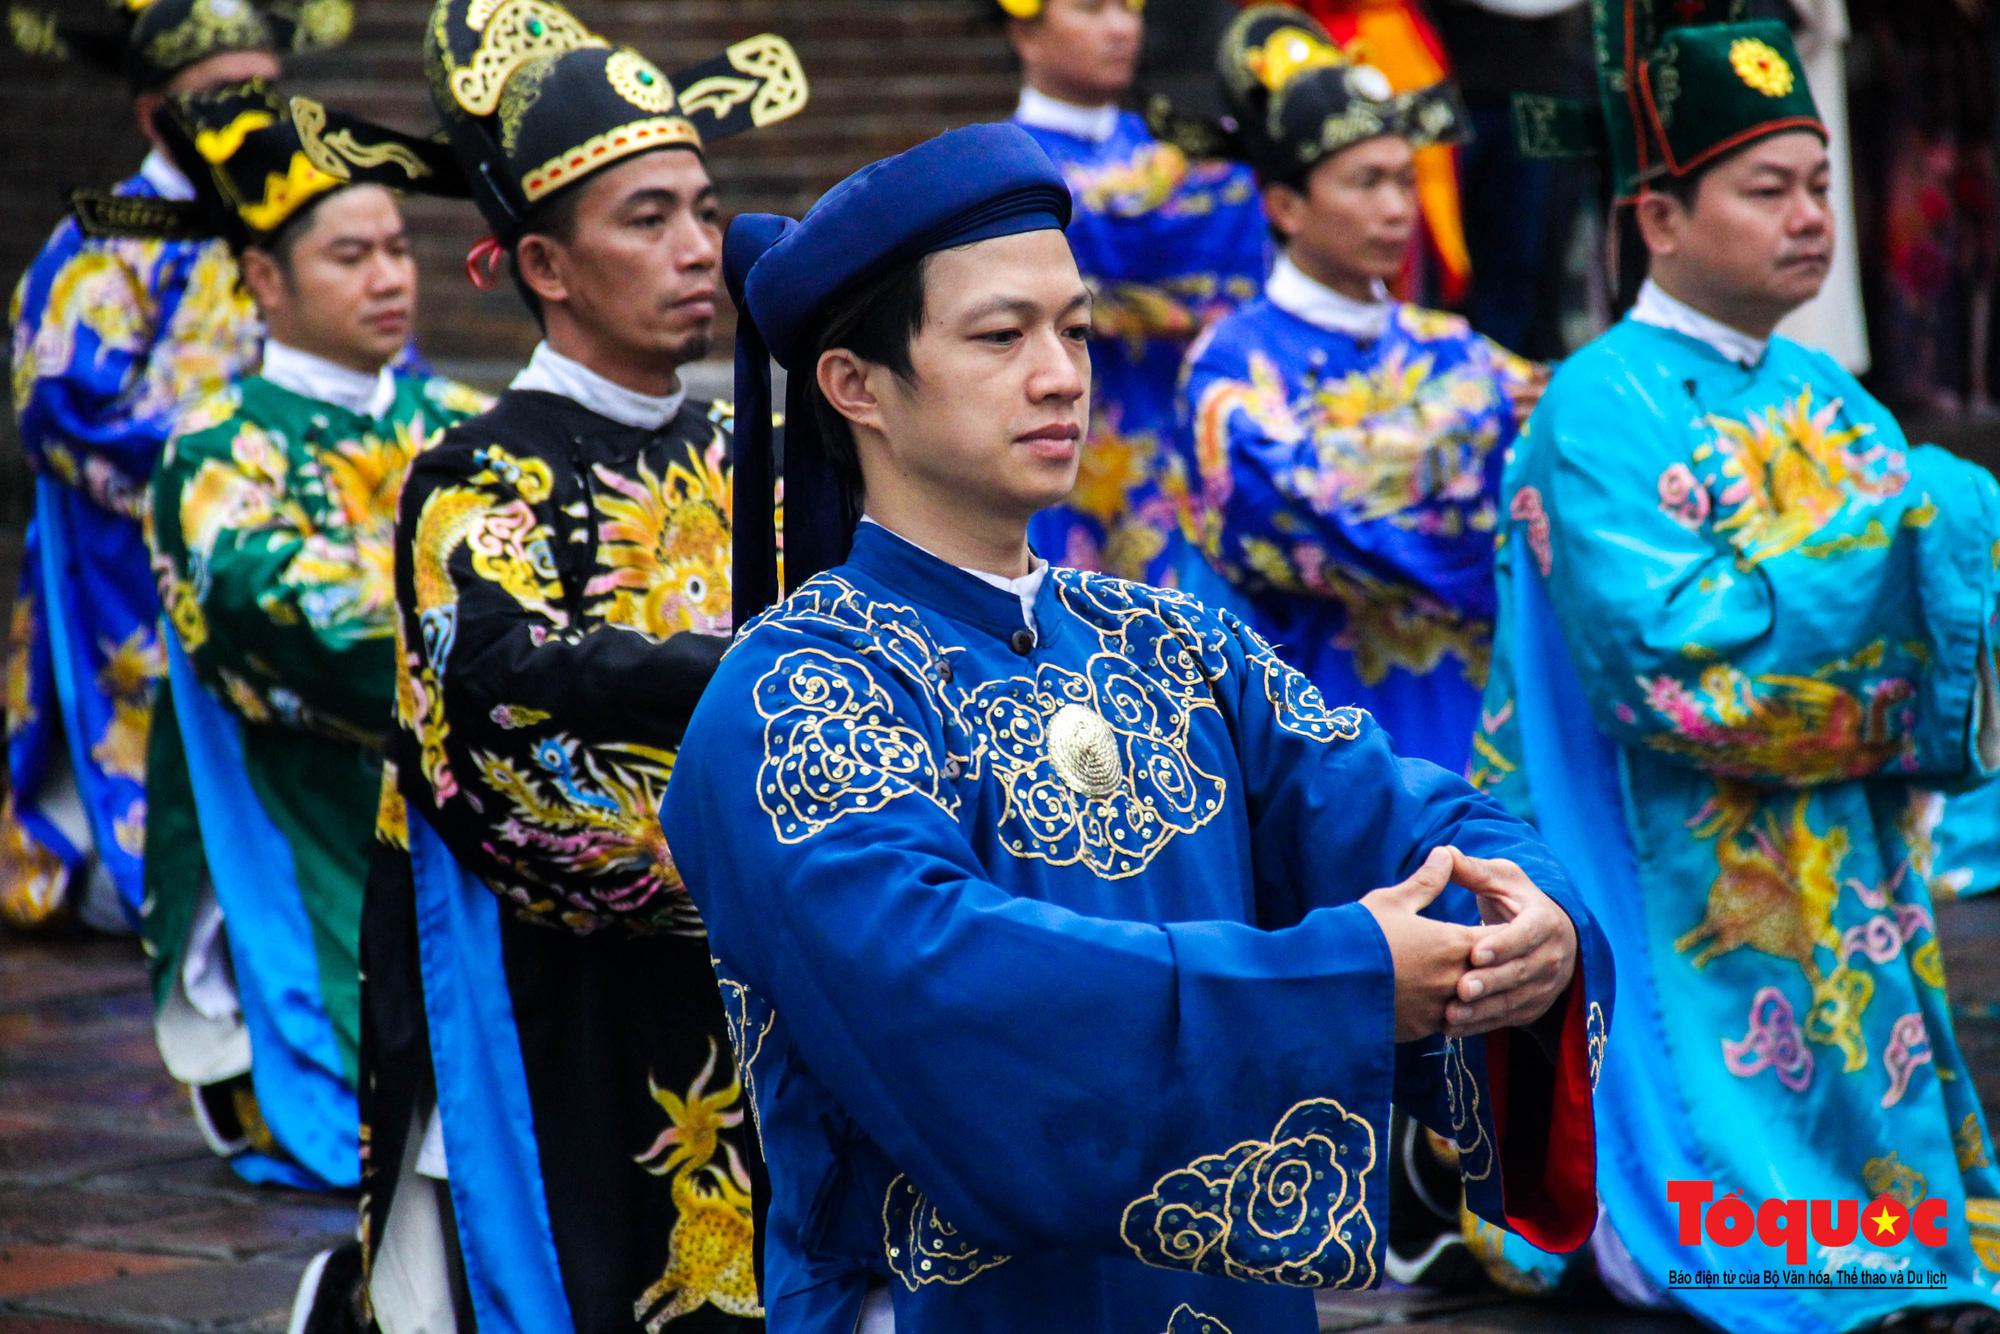 """Du khách thích thú xem tái hiện lễ """"Ban Sóc"""" của triều Nguyễn, nhận lịch tặng nhân dịp đón năm mới - Ảnh 6."""